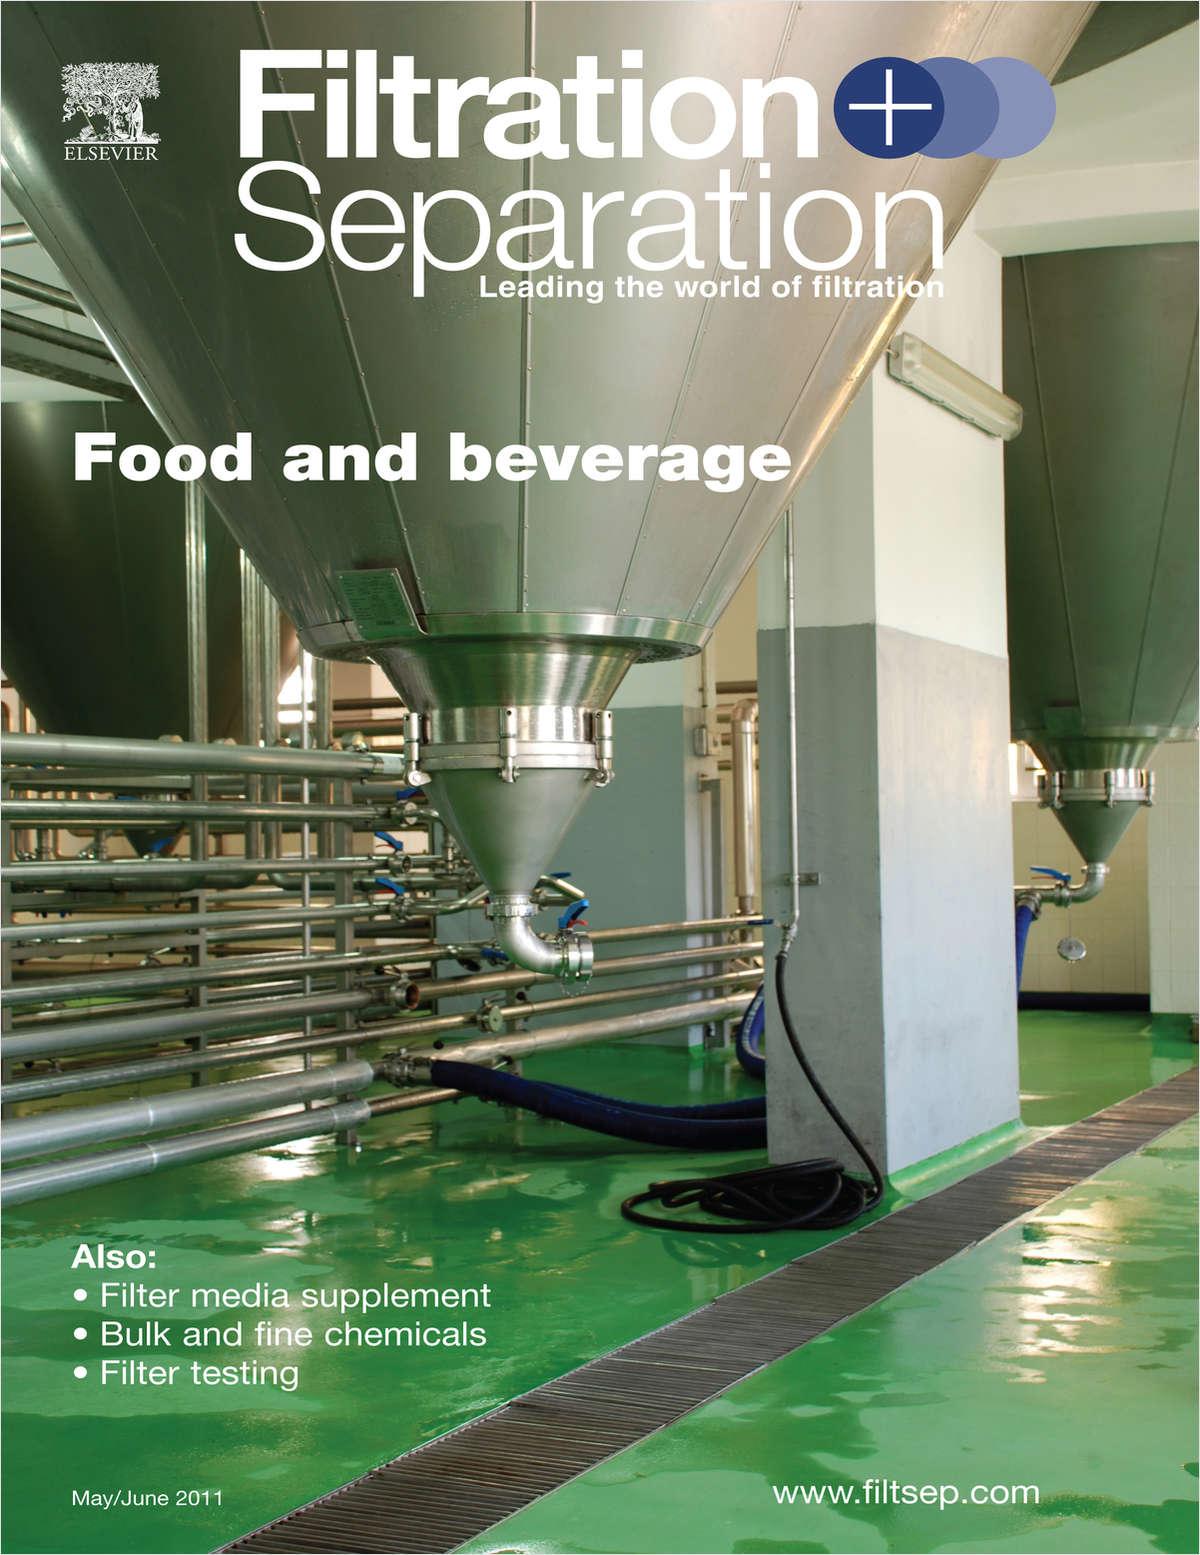 Filtration + Separation